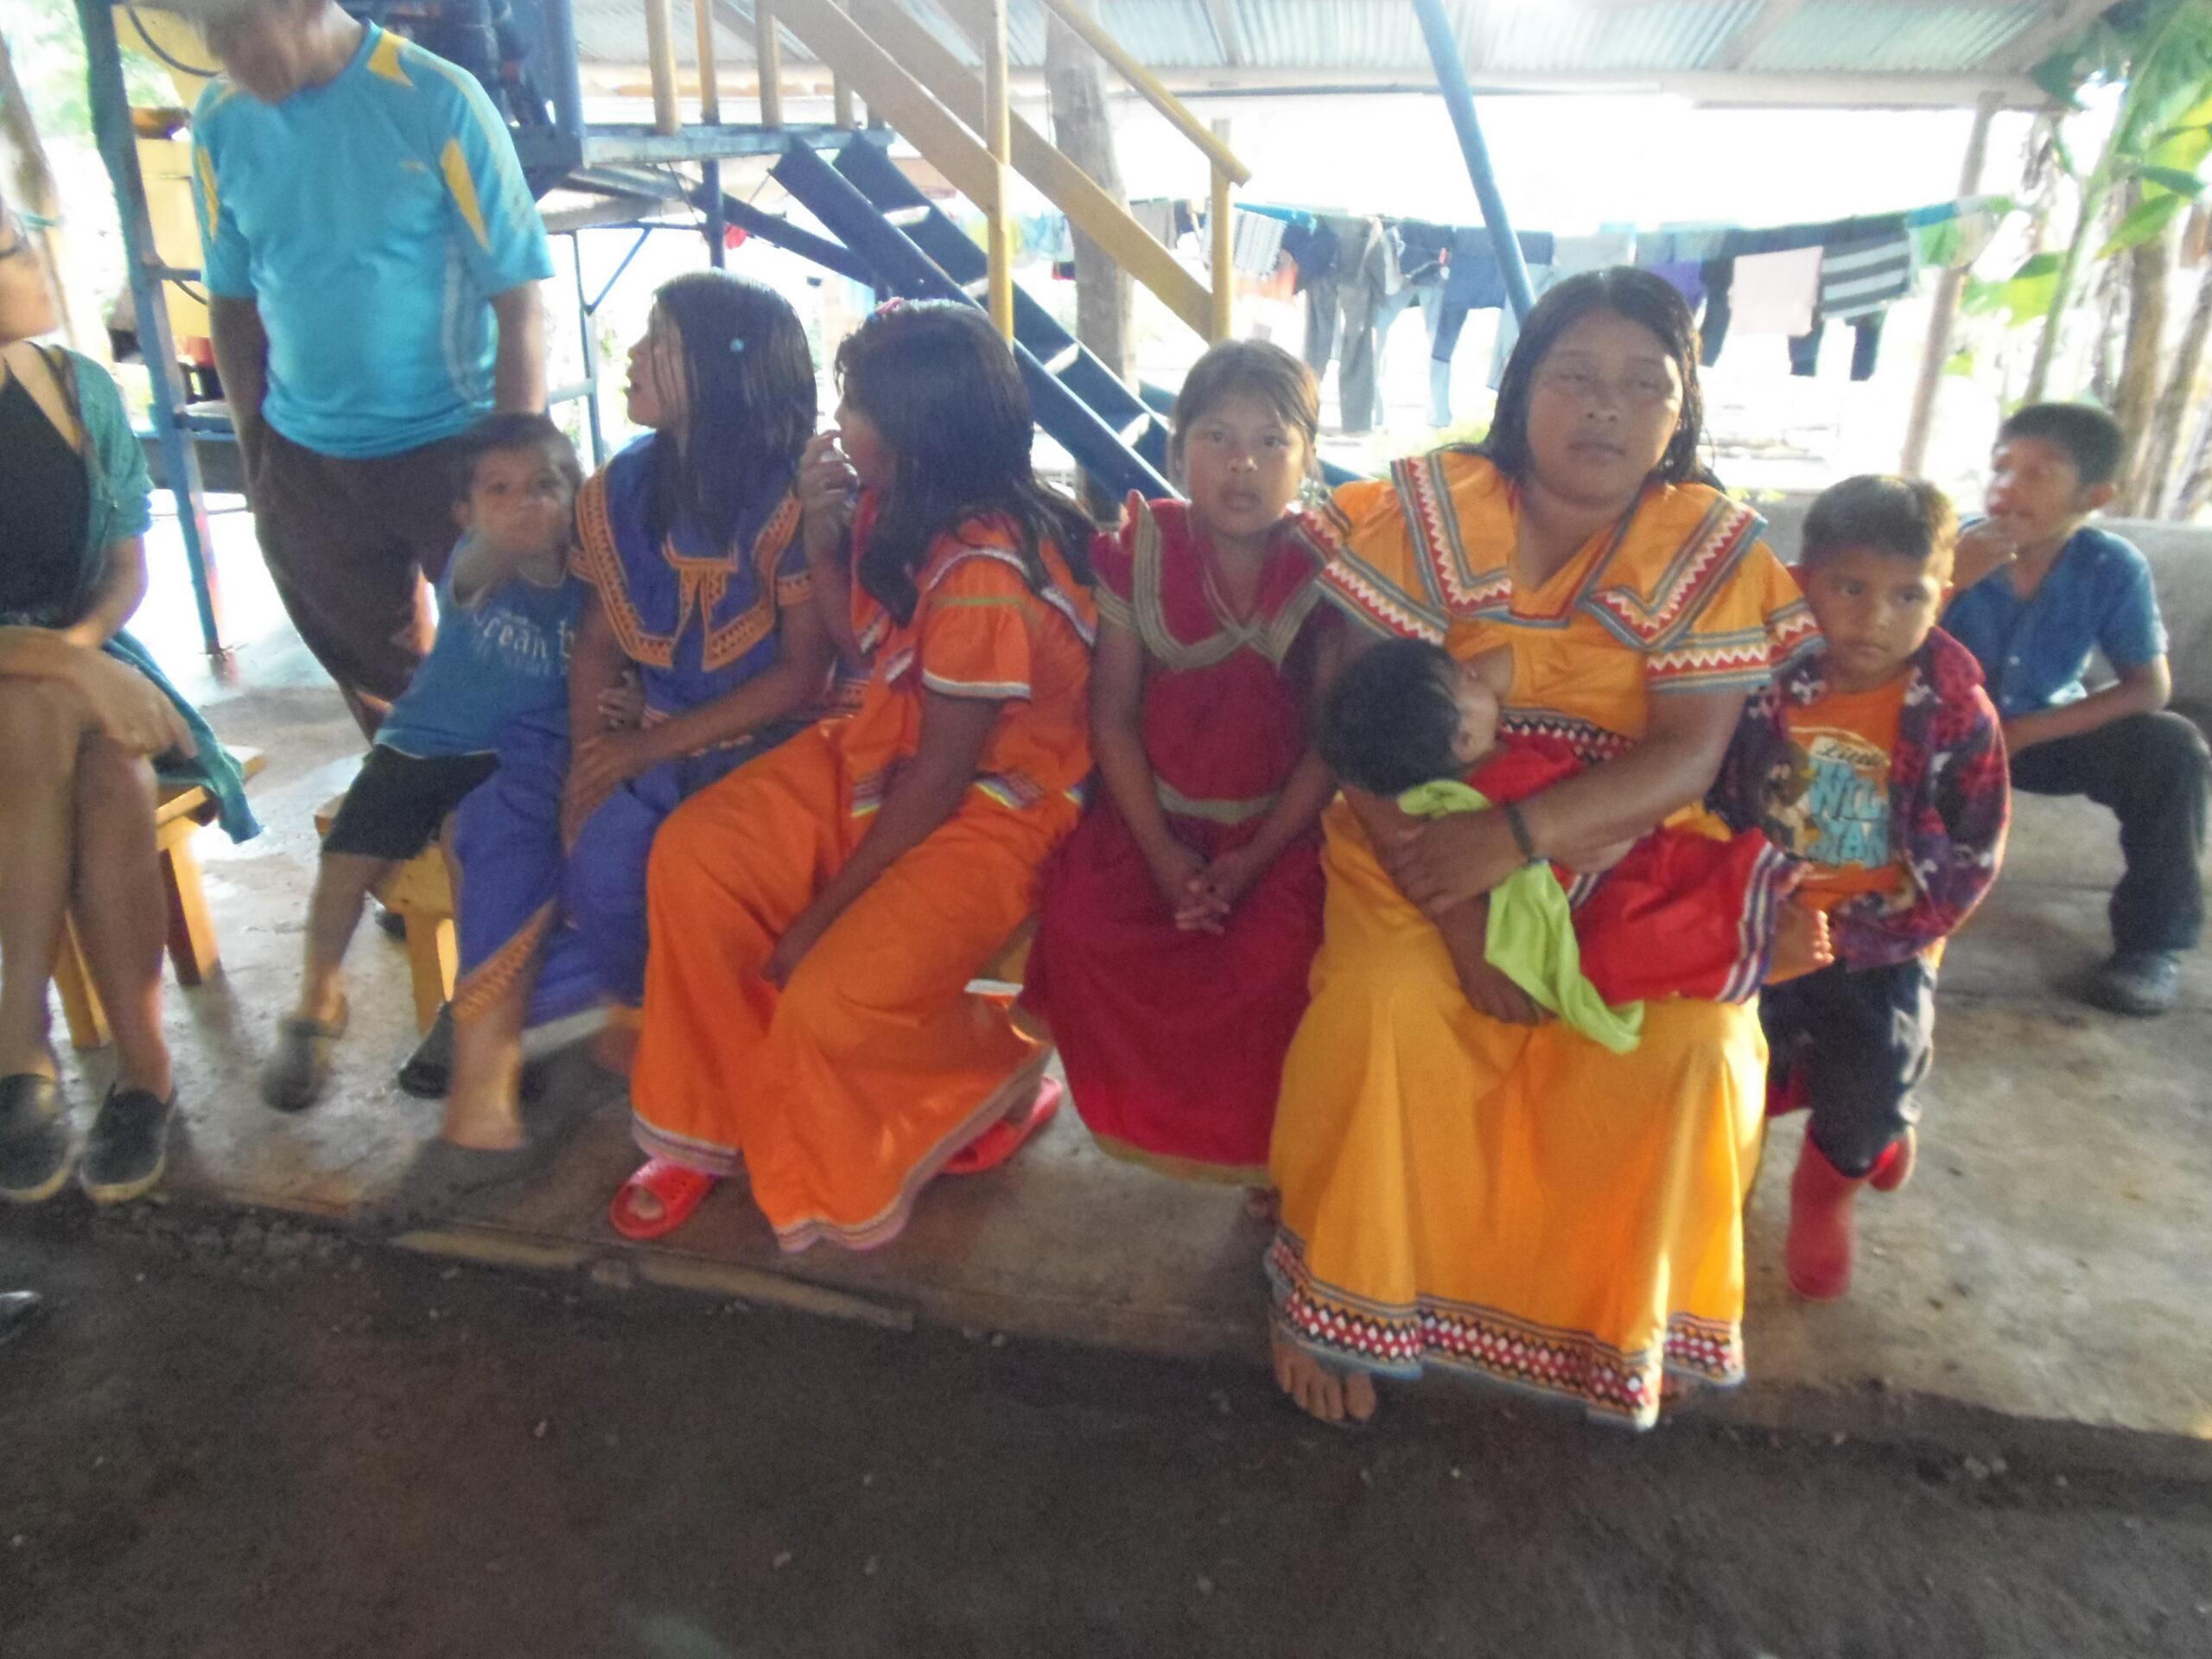 Indígenas en Costa Rica ser voluntario